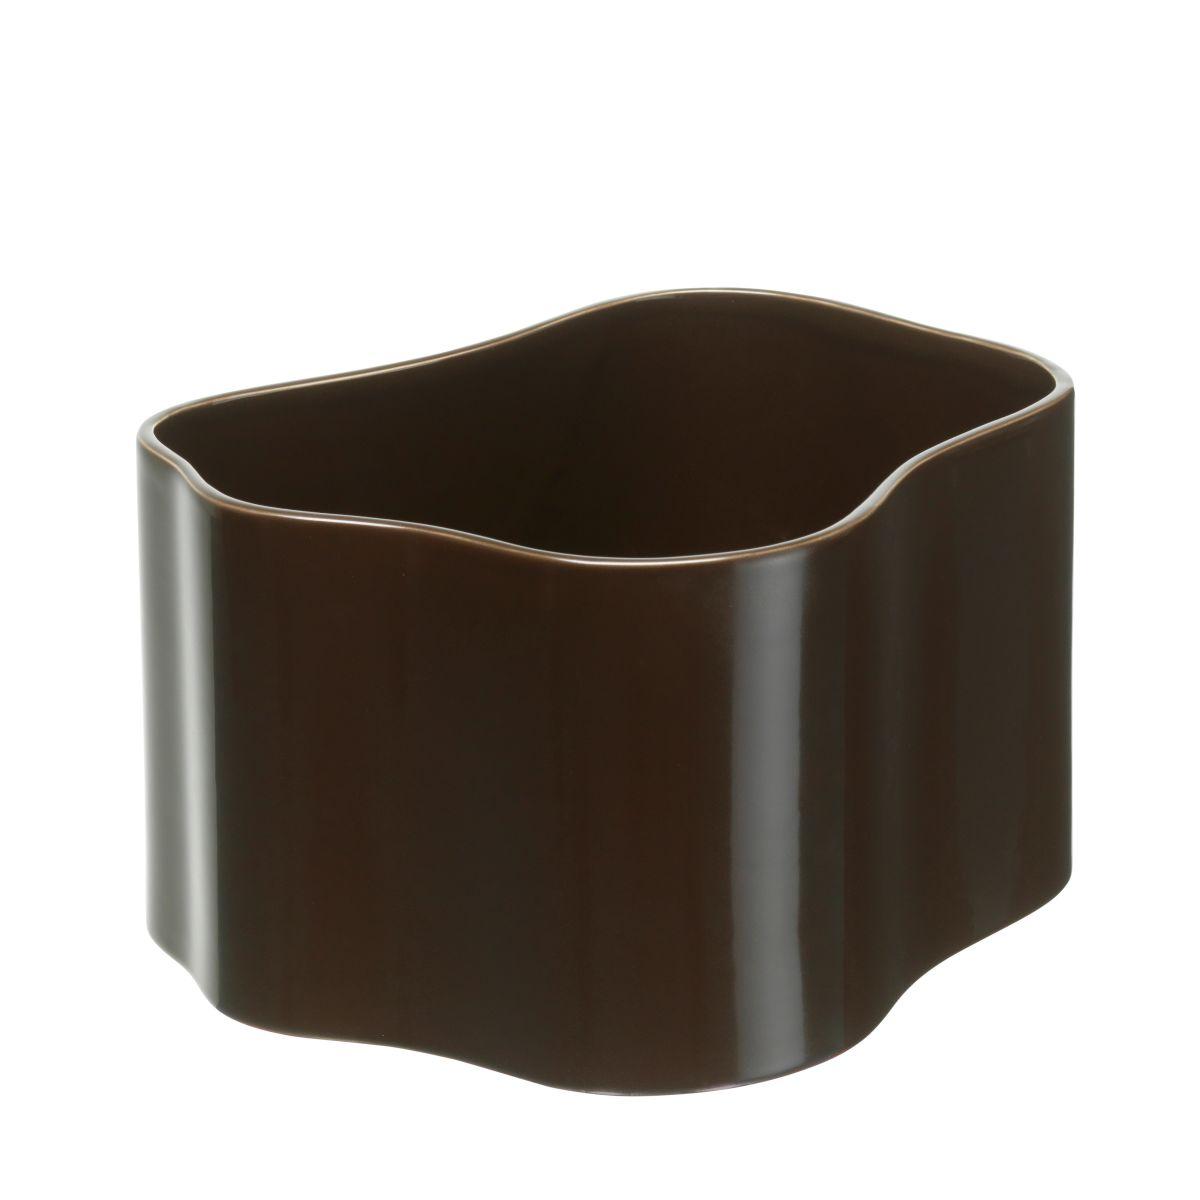 Plant-Pot-Shape-B-Size-M-Dark-Brown-Gloss_F-1958475